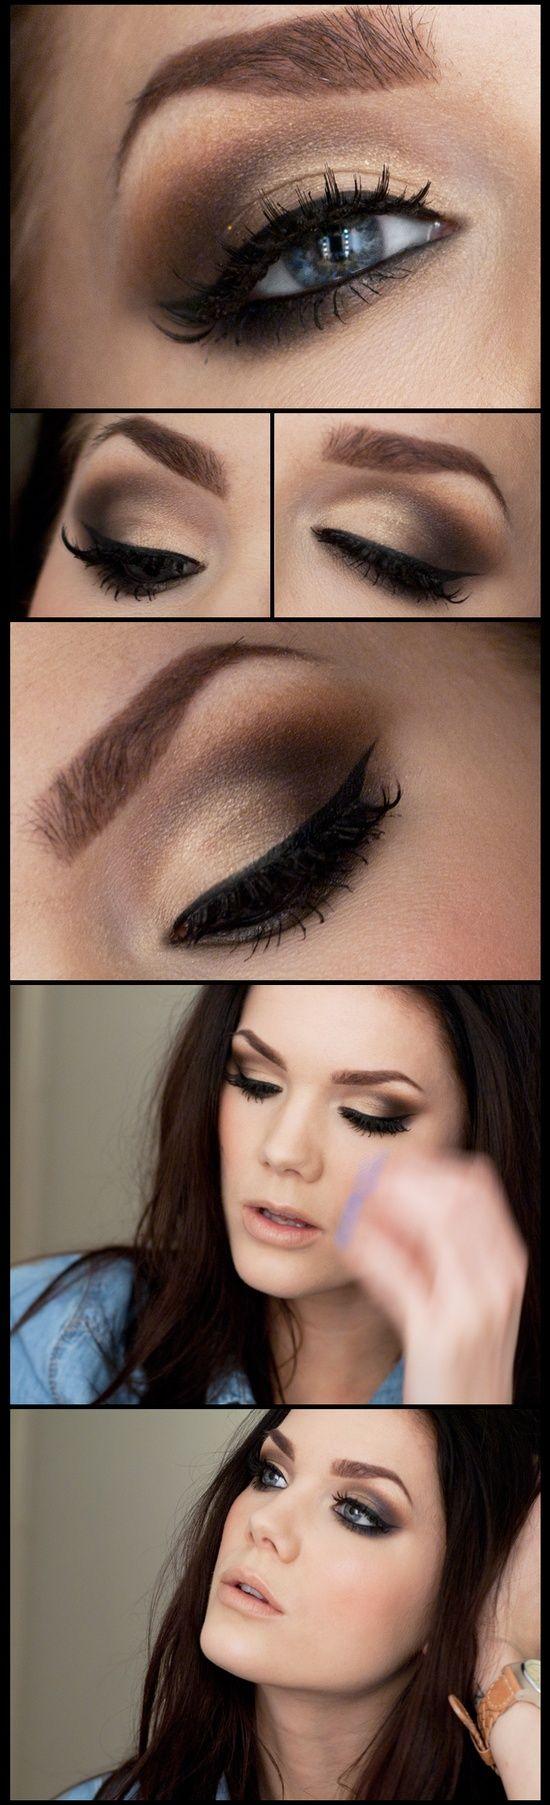 Linda Hallberg - makeup artist.